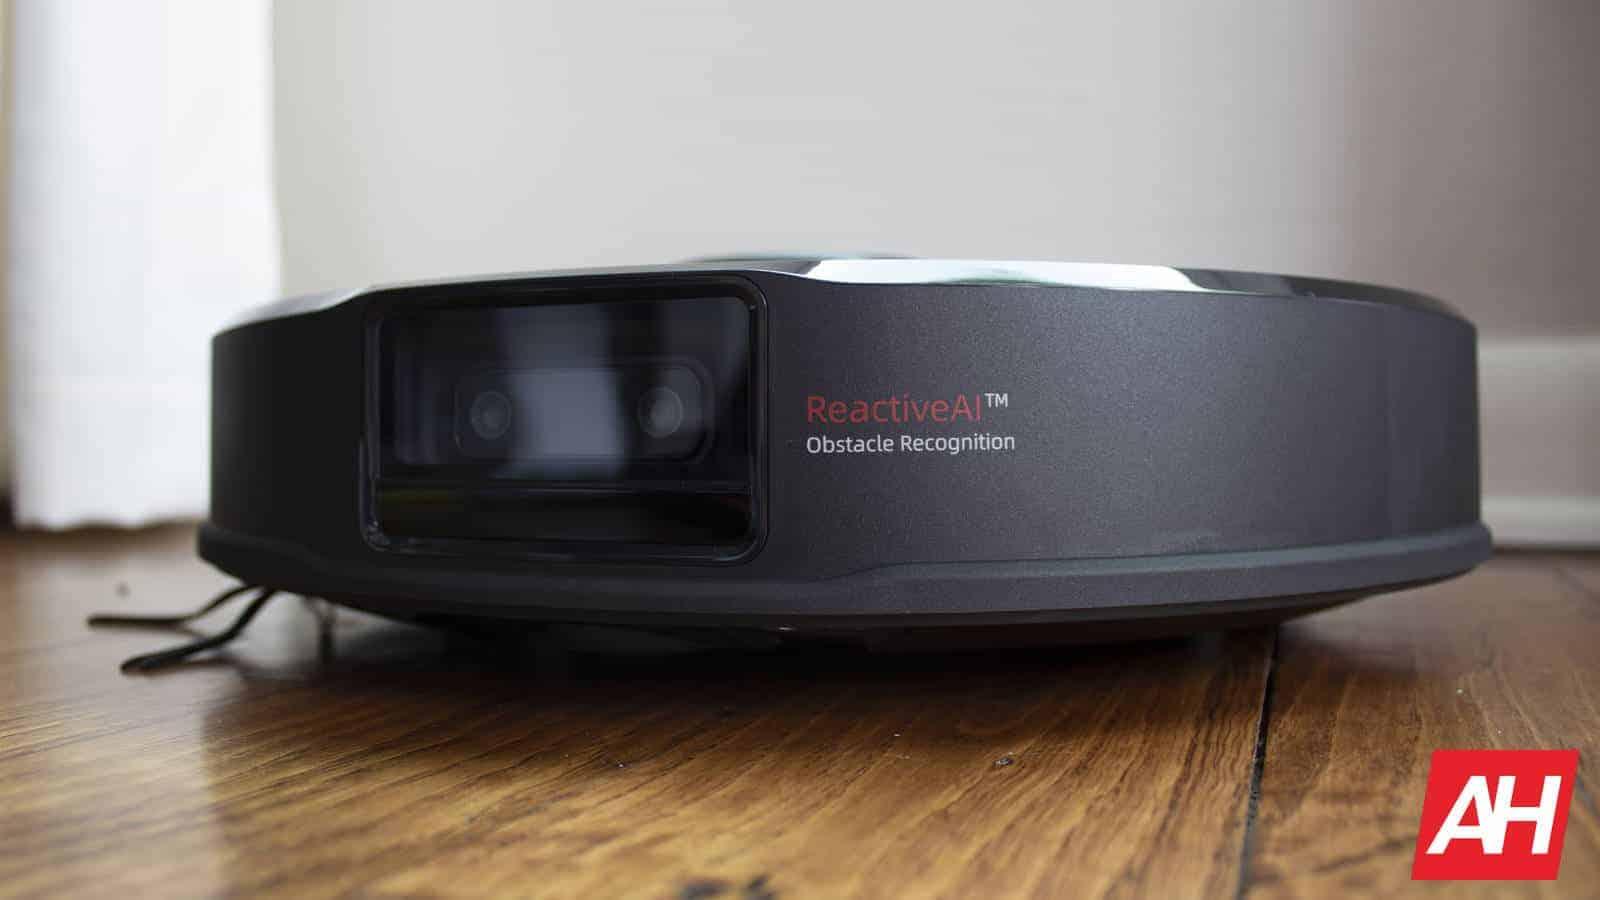 Roborock S6 MaxV AI cameras